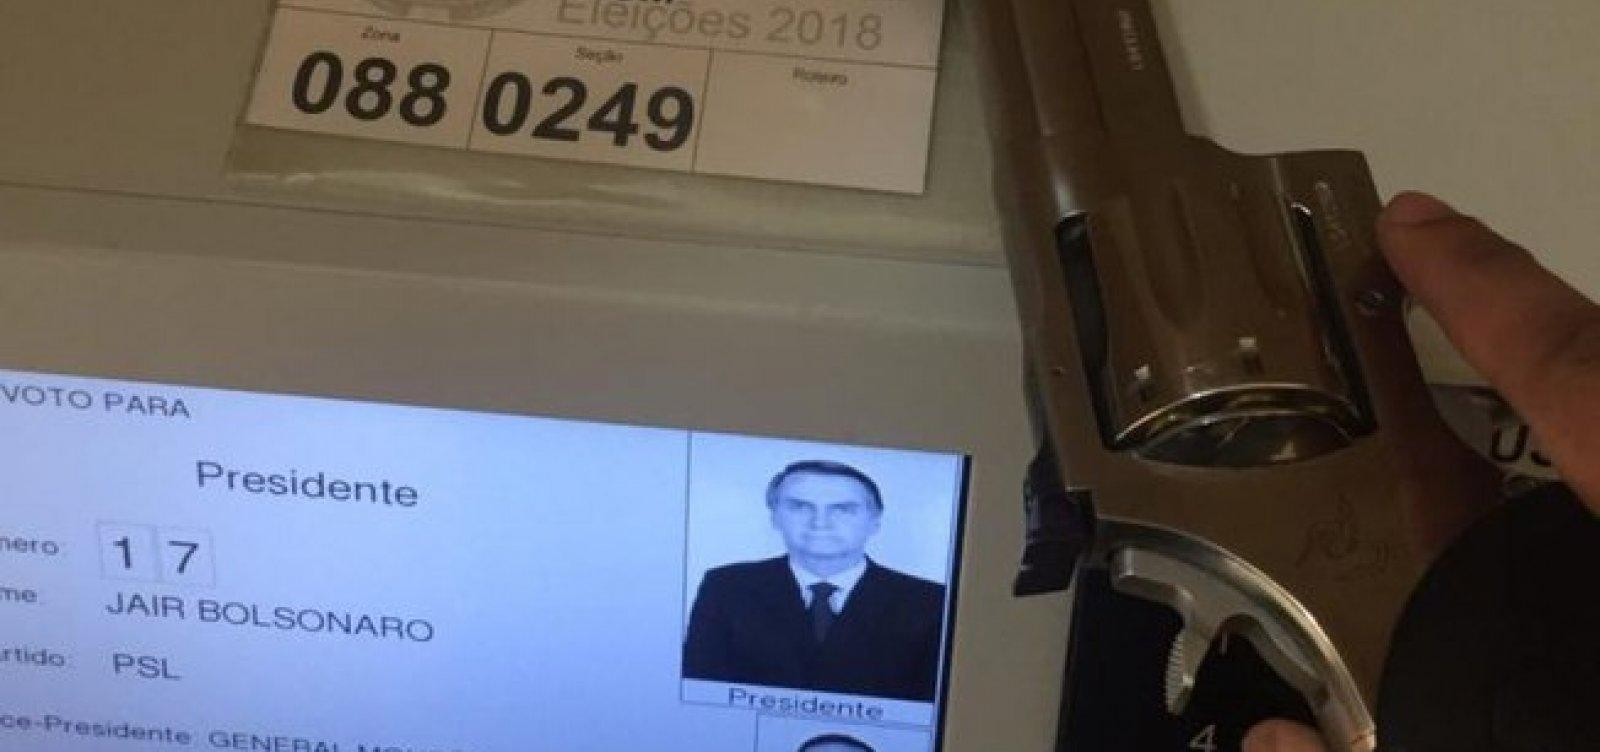 PF investiga eleitor que usou arma para votar em Bolsonaro